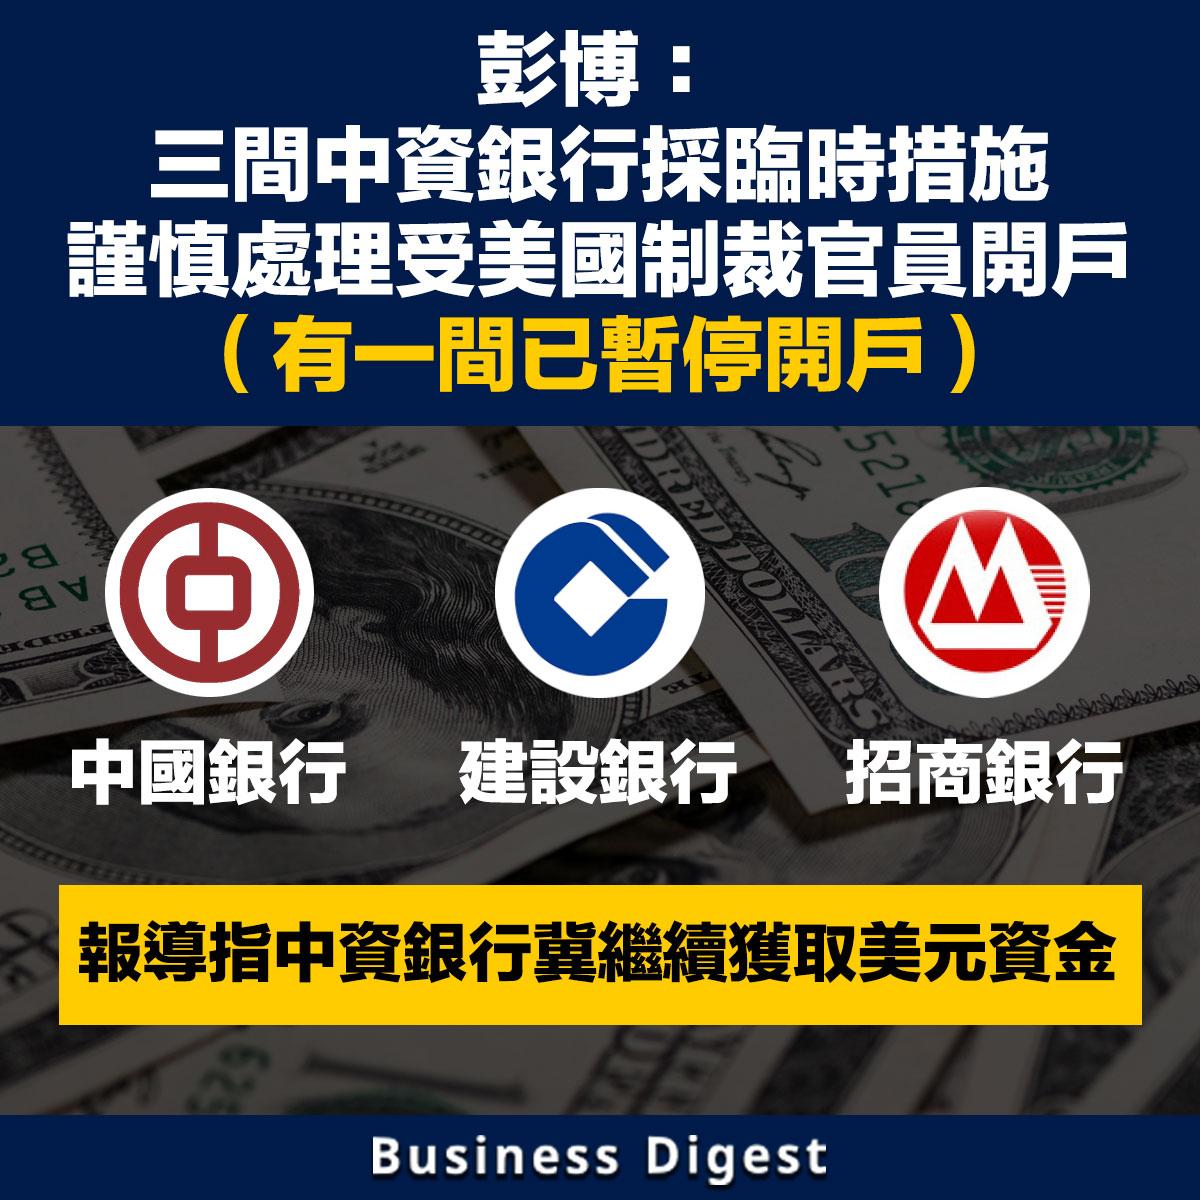 【商業熱話】彭博:三間中資銀行採臨時措施,謹慎處理受美國制裁官員開戶